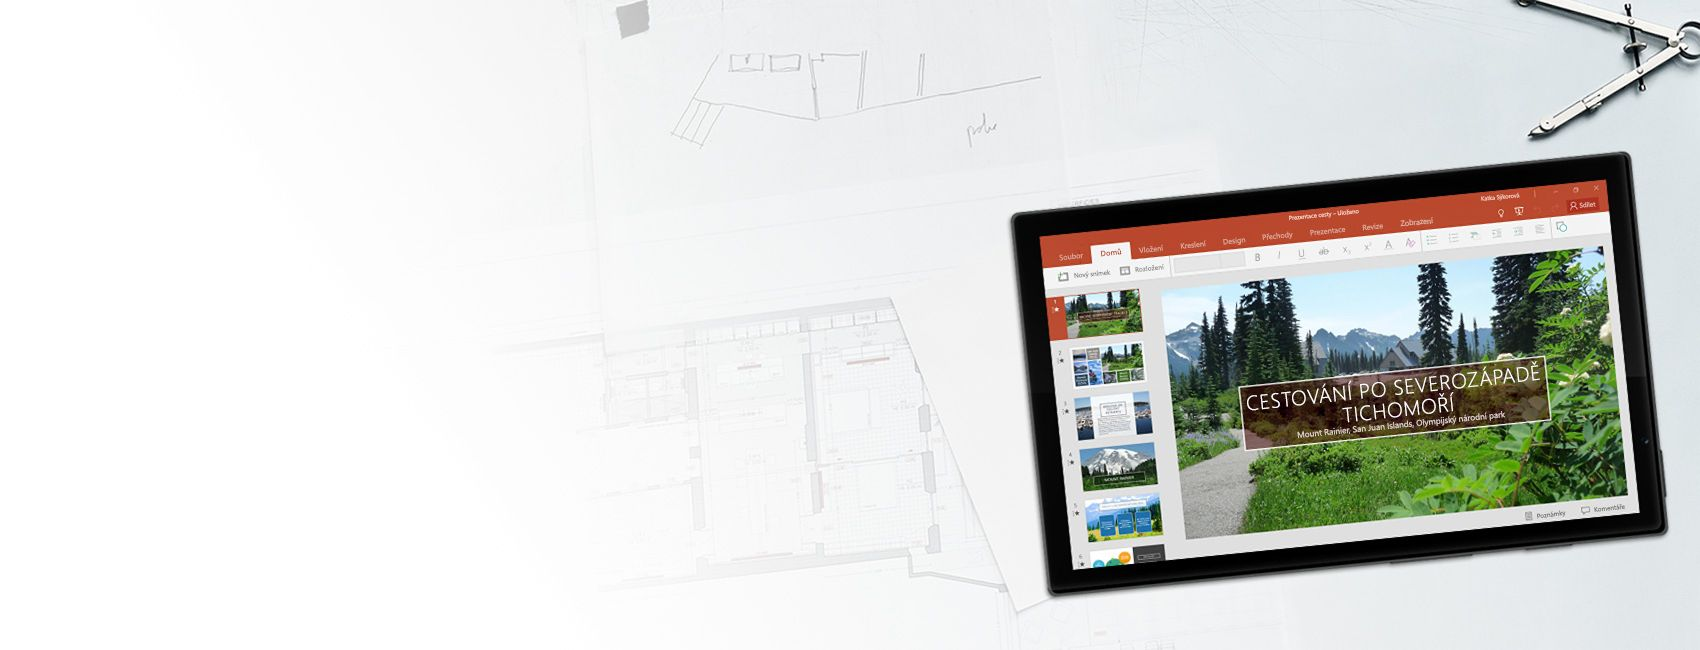 Tablet s Windows zobrazující powerpointovou prezentaci o cestování po tichomořském severozápadě USA v PowerPointu pro Windows 10 Mobile